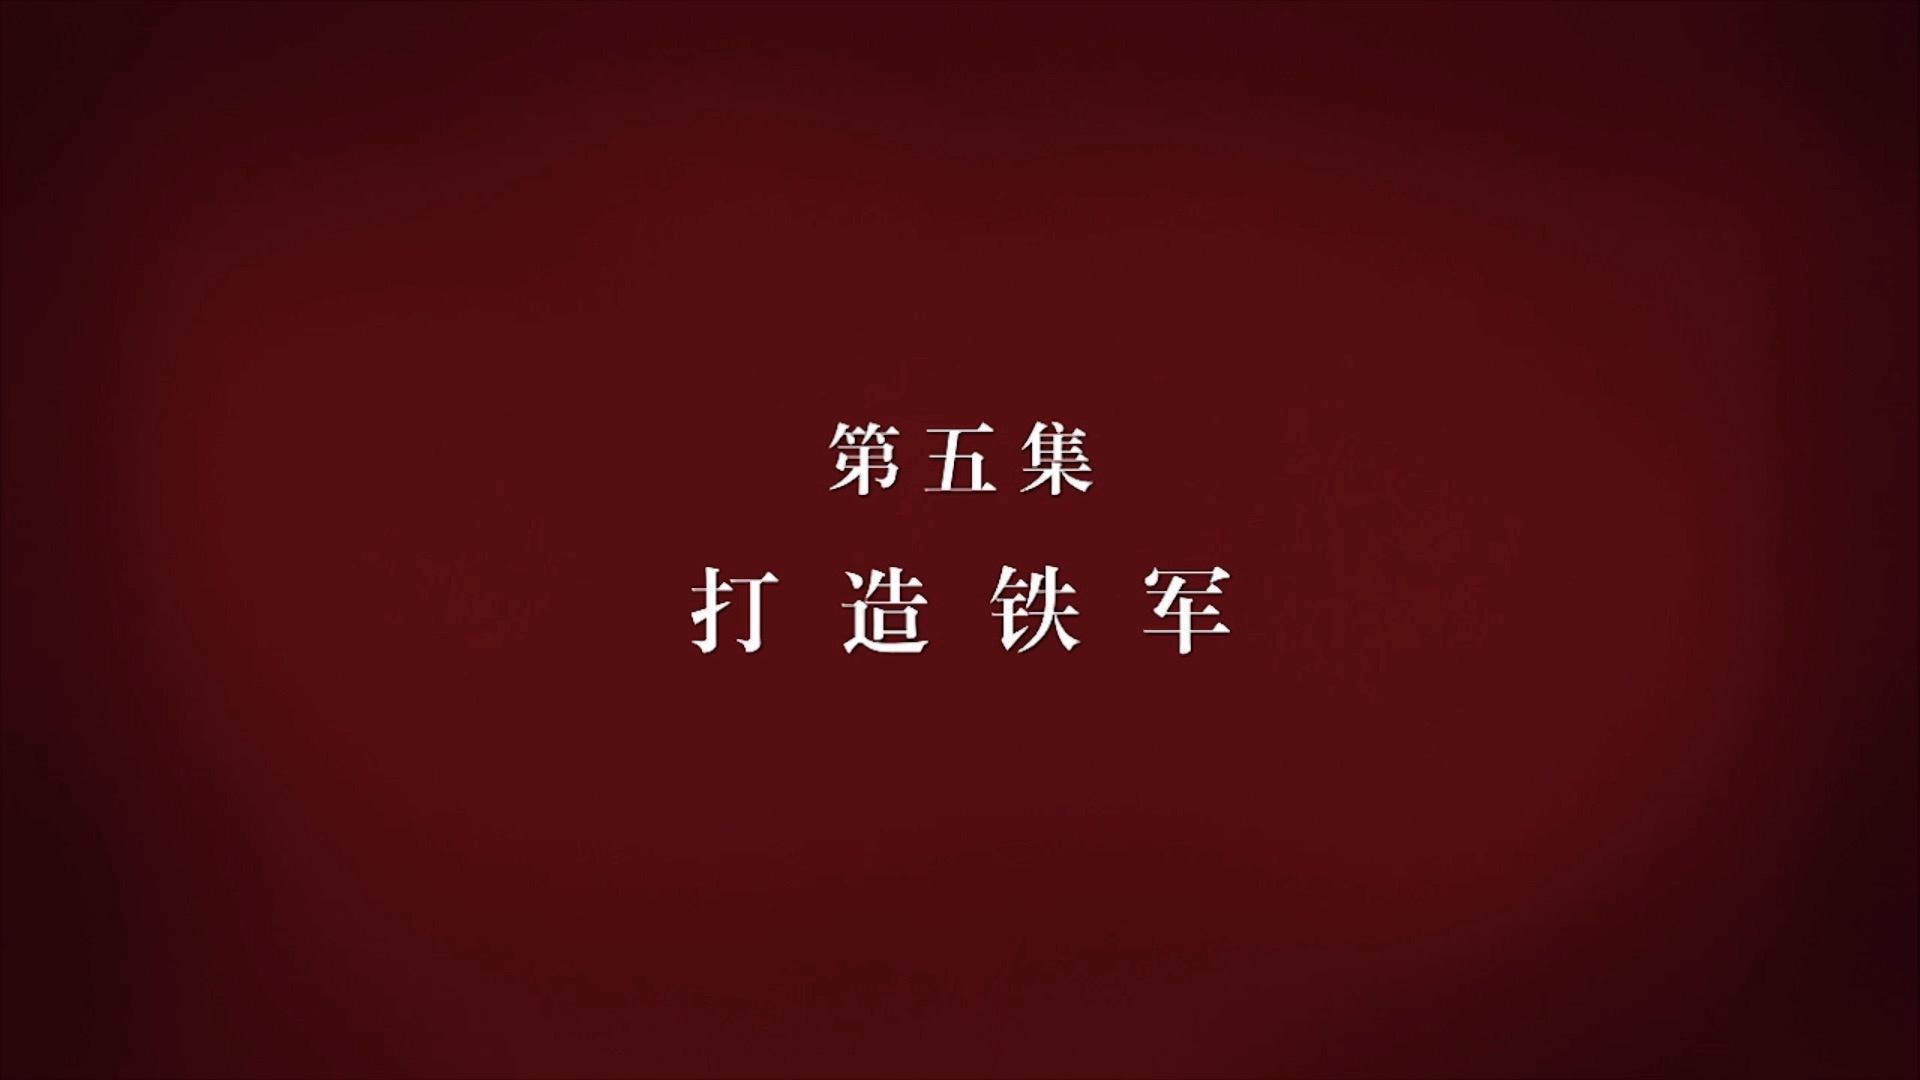 边反腐边腐败 省纪委领导唆使涉案人强硬对抗调查